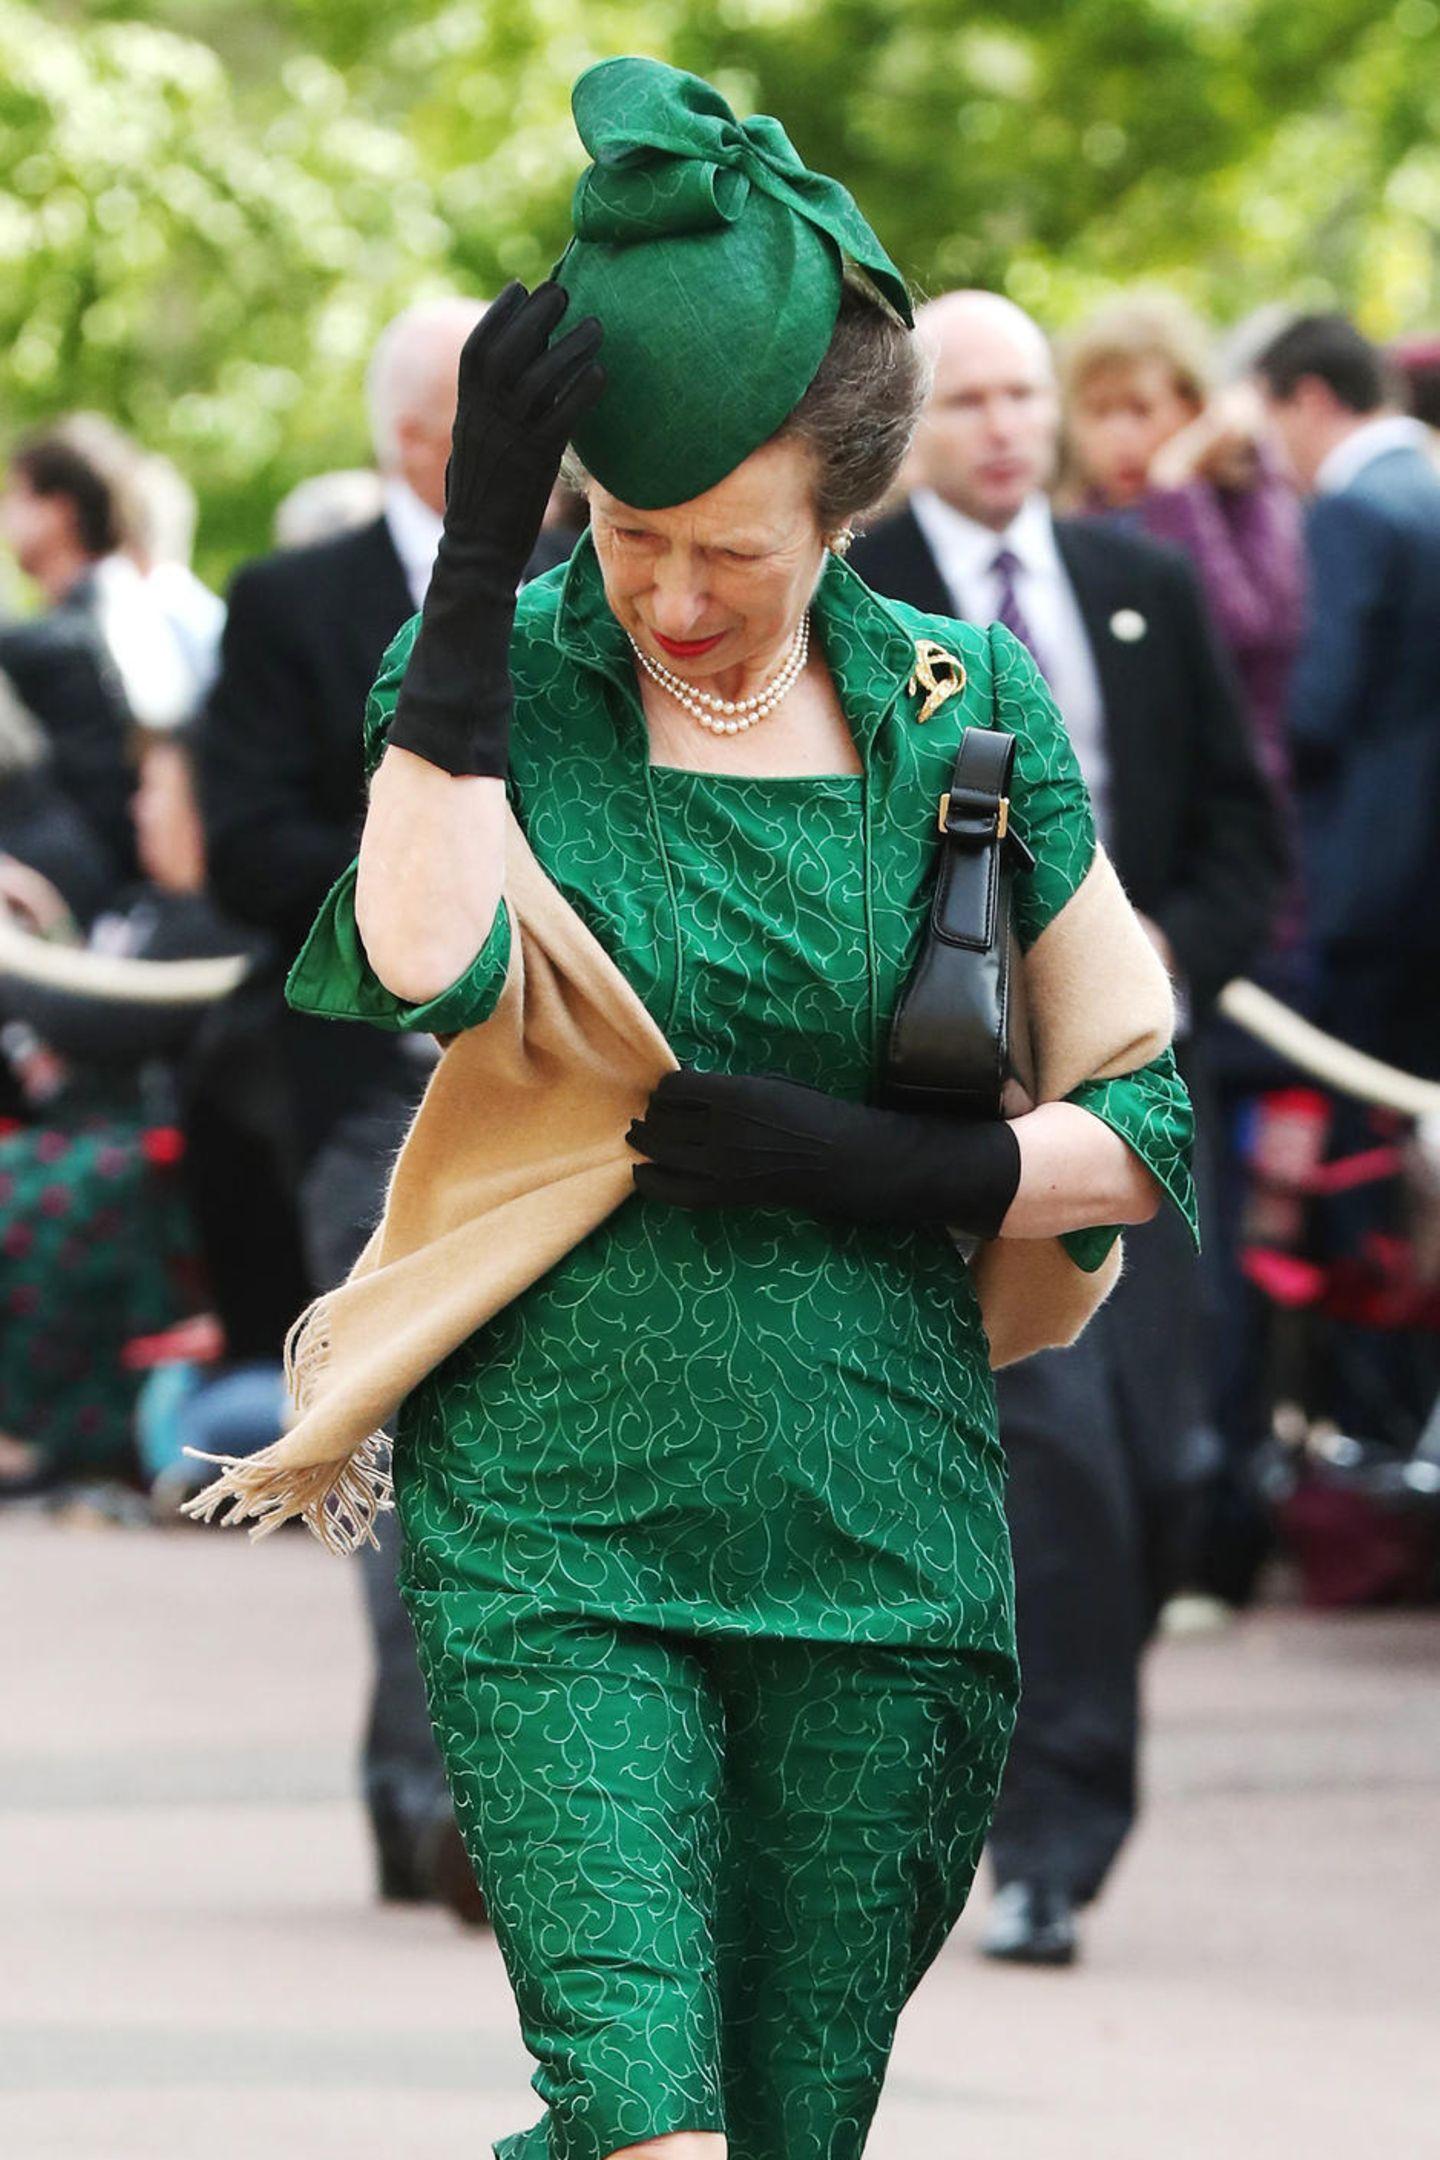 Wie so viele Gäste, hat auch Prinzessin Anne Mühe ihren Hut bei dem starken Wind festzuhalten.